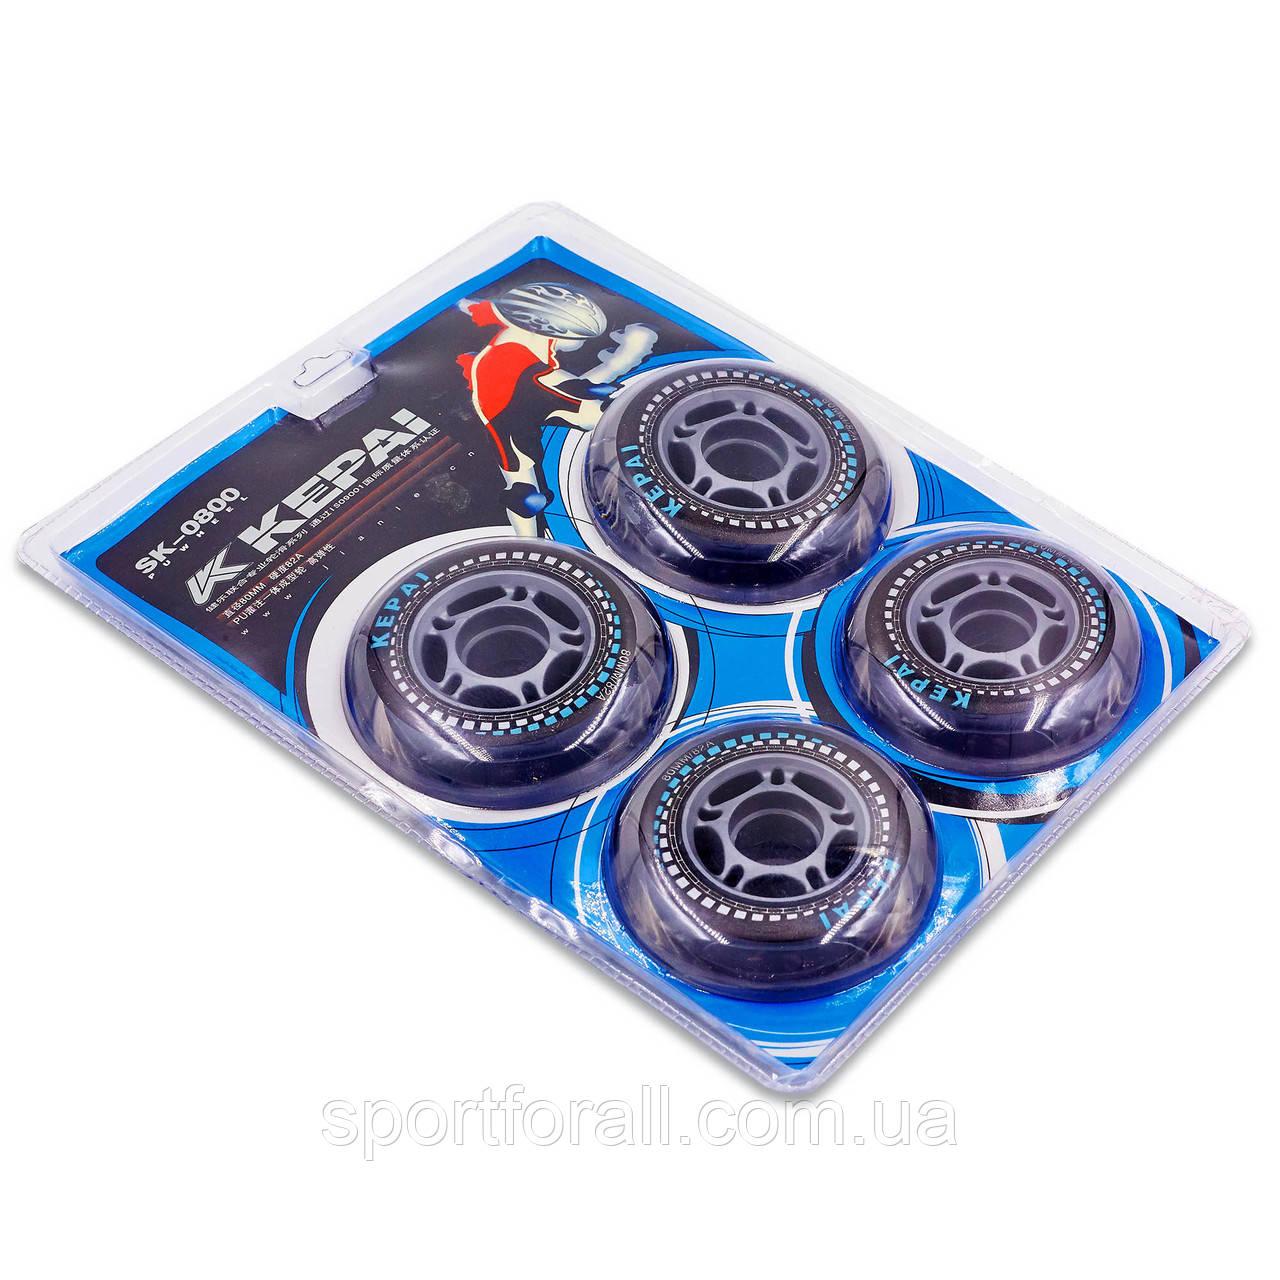 Колеса для роликовых коньков (4шт) KEPAI SK-0800 (колесо PU, р-р 80х24мм, без подшипников)